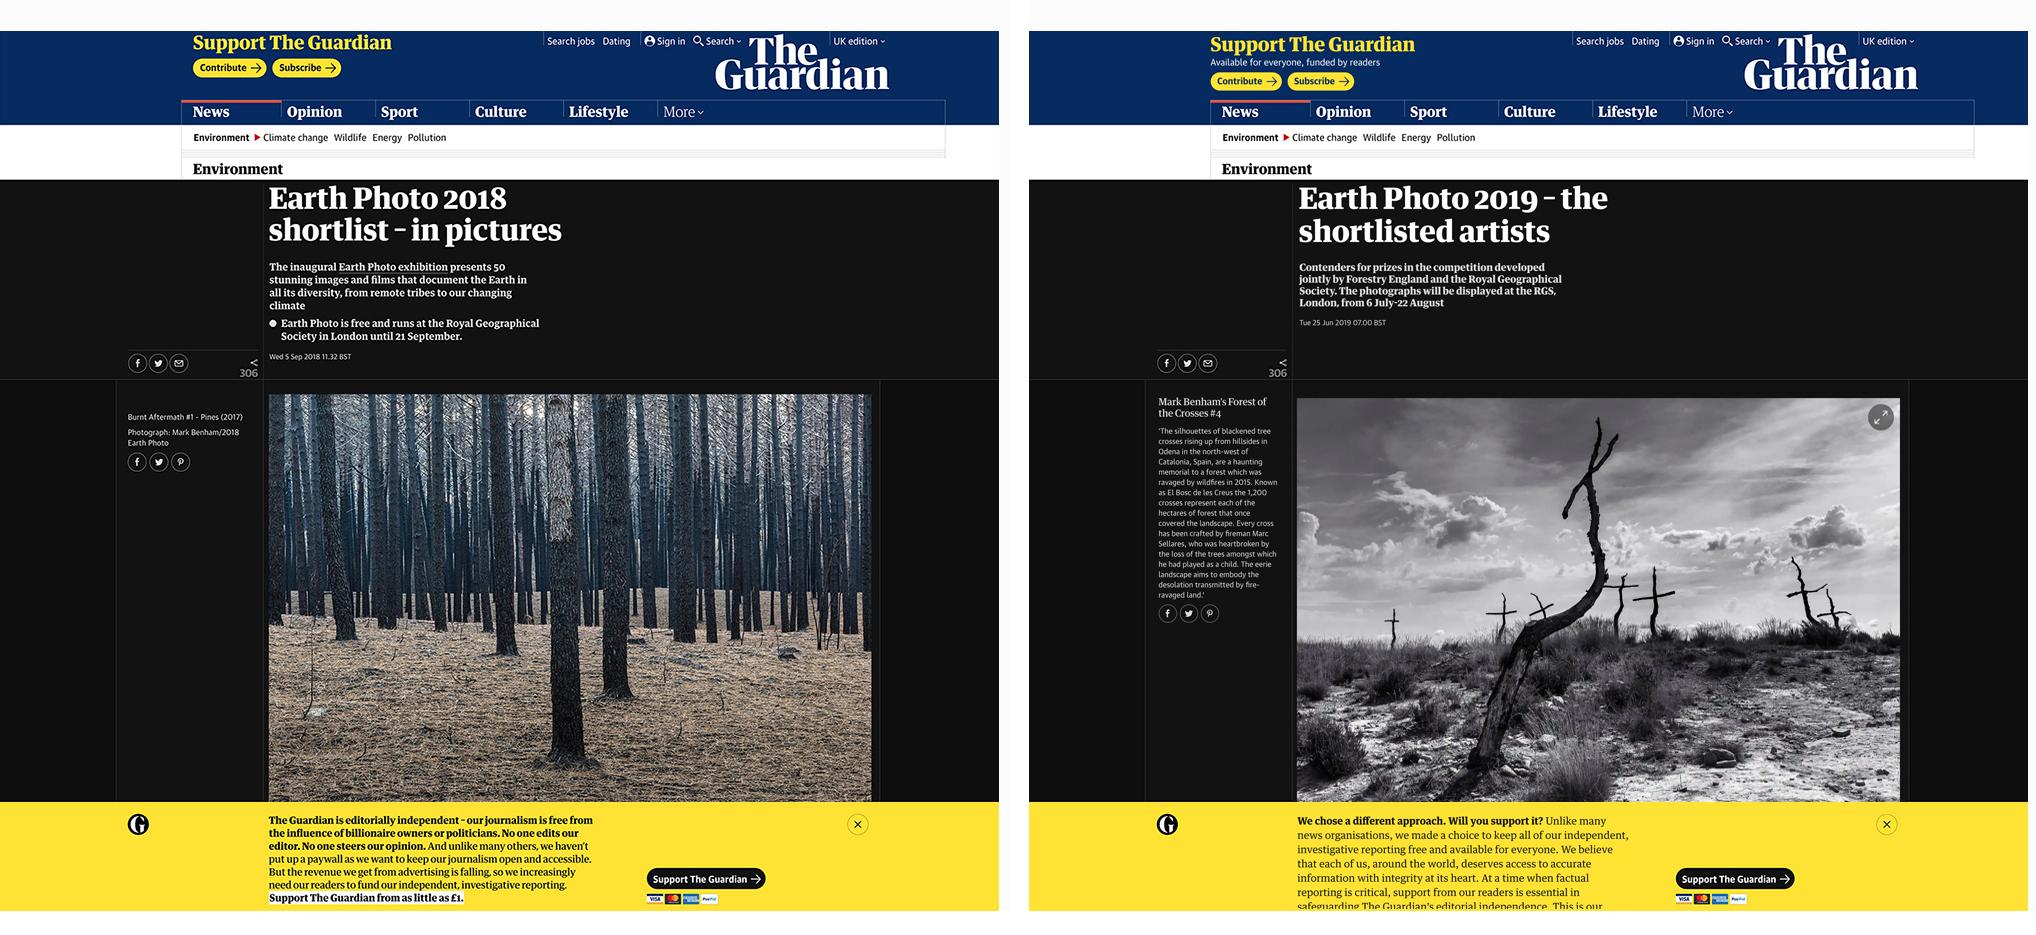 Media_Guardian.jpg